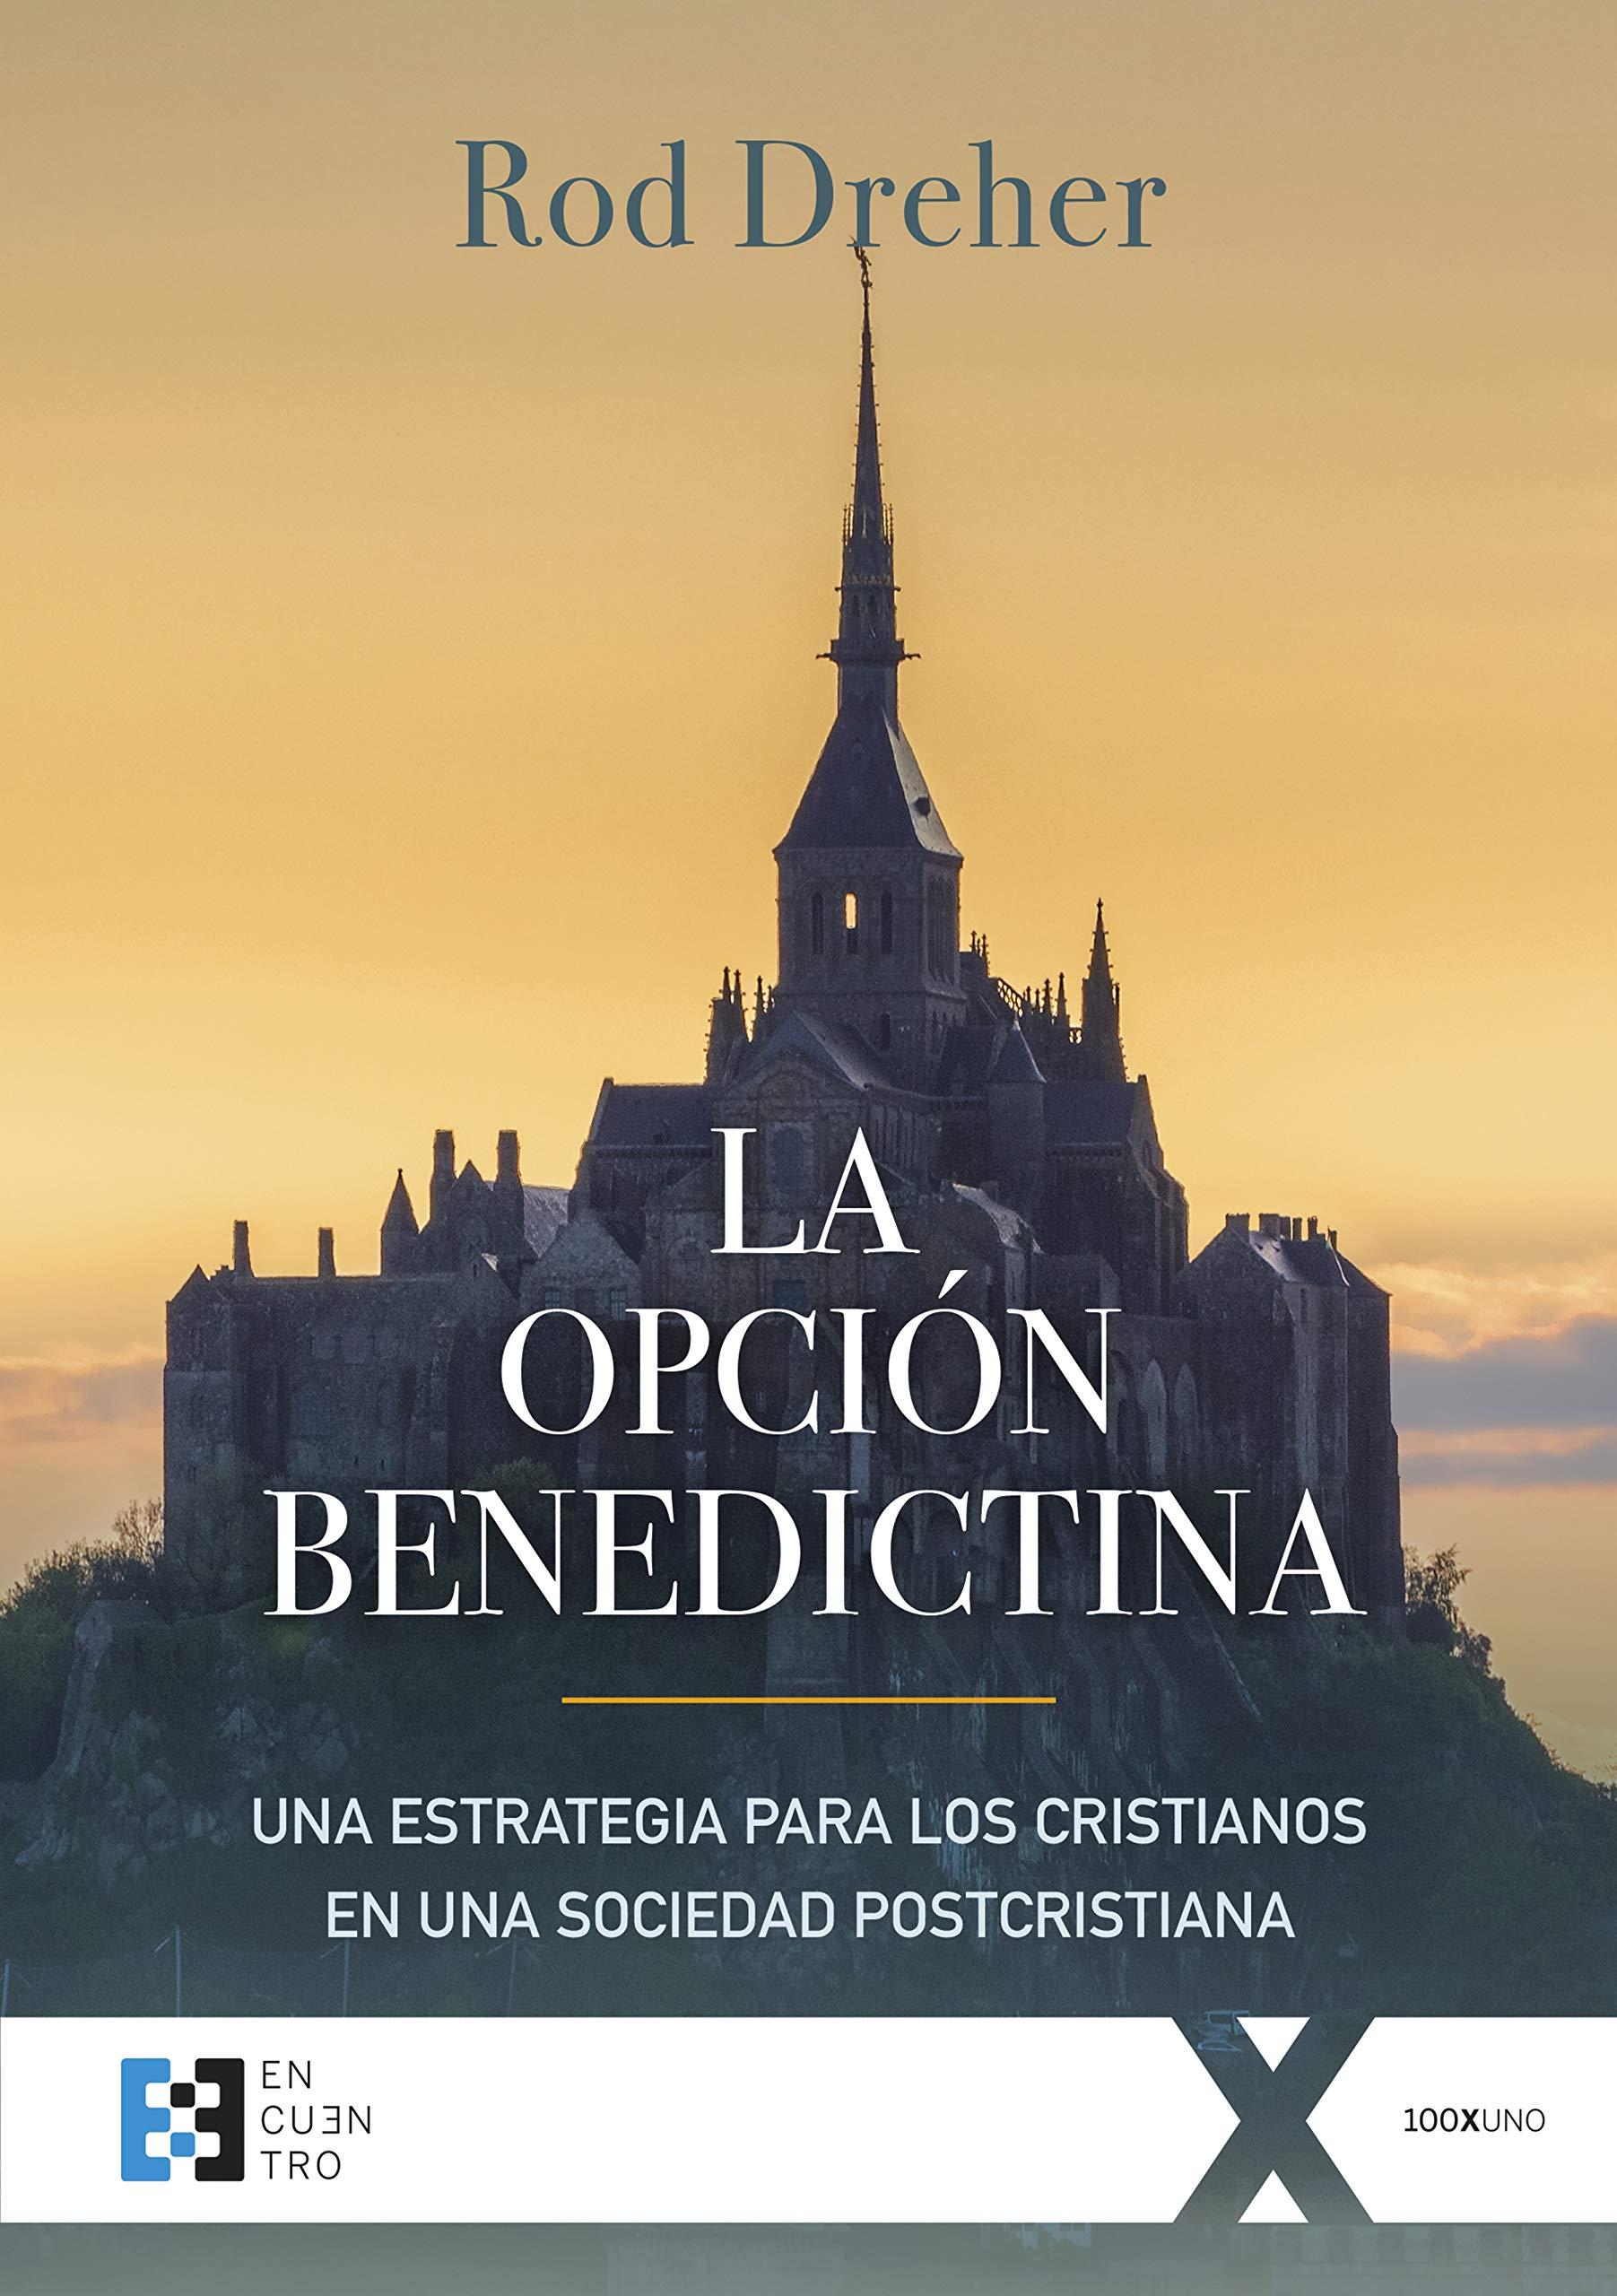 La opción benedictina: Una estrategia para los cristianos en una sociedad postcristiana (100XUNO nº 38)